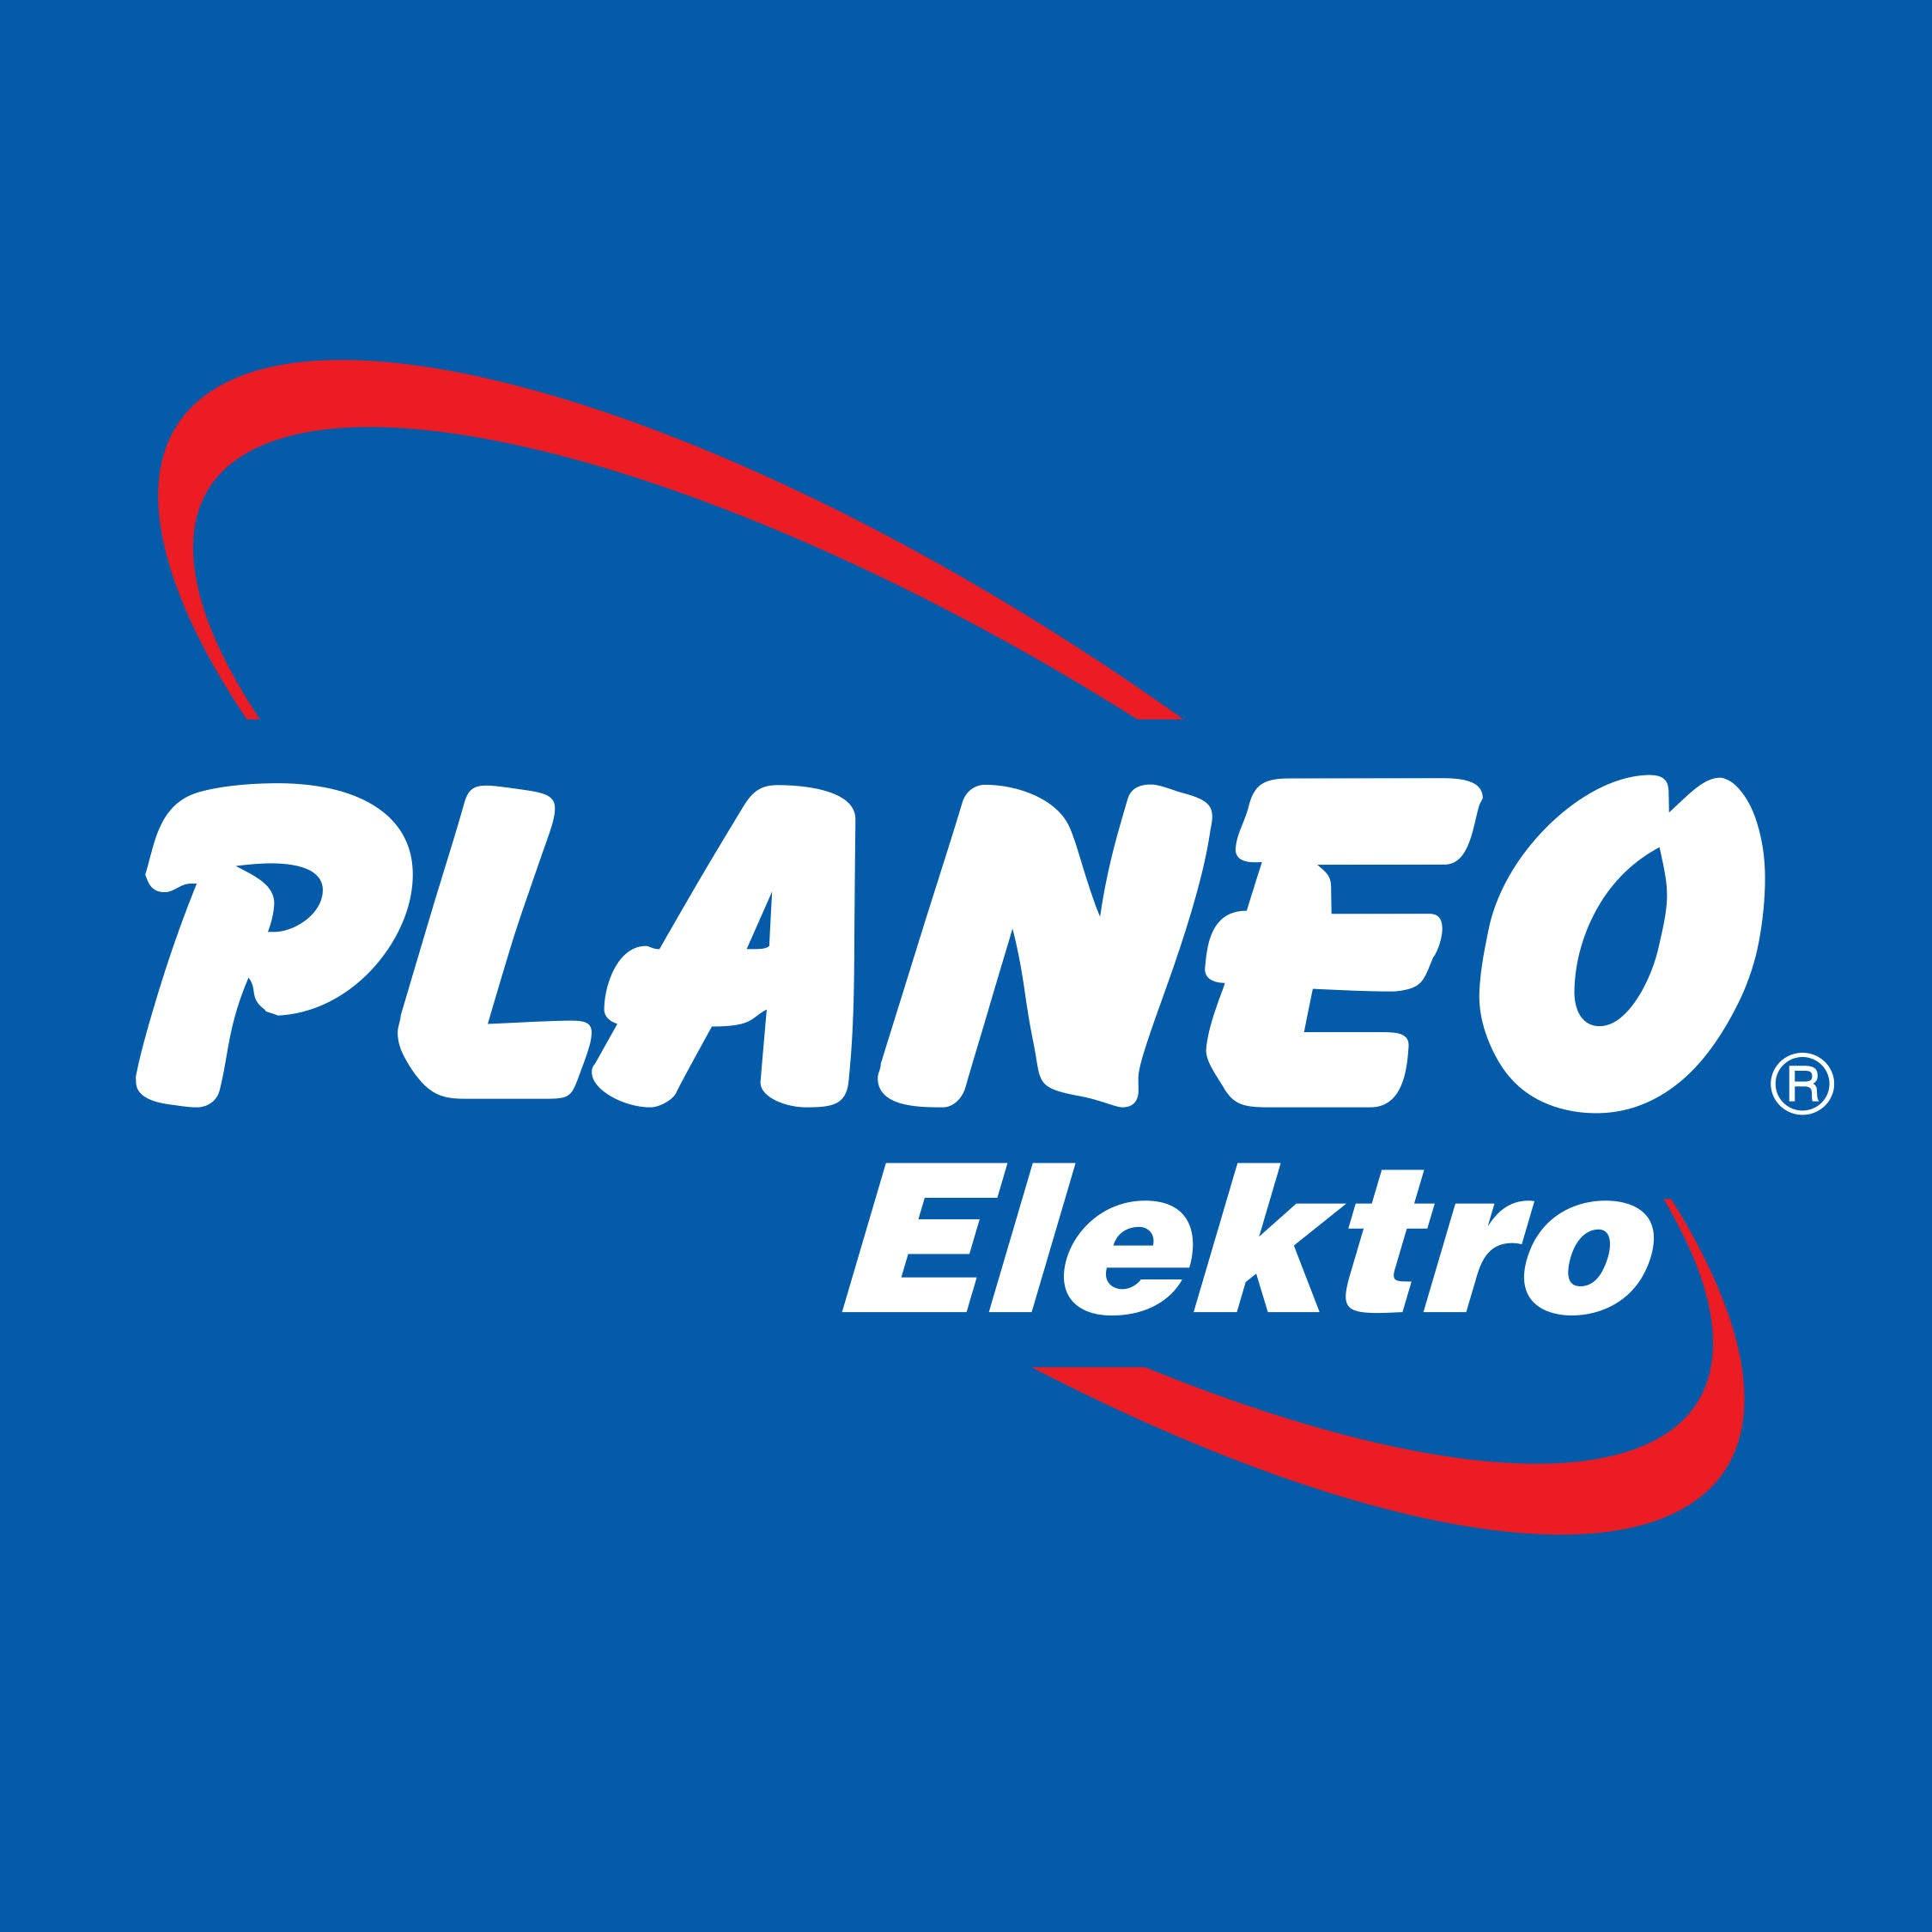 Planeo-elektro-2019_1